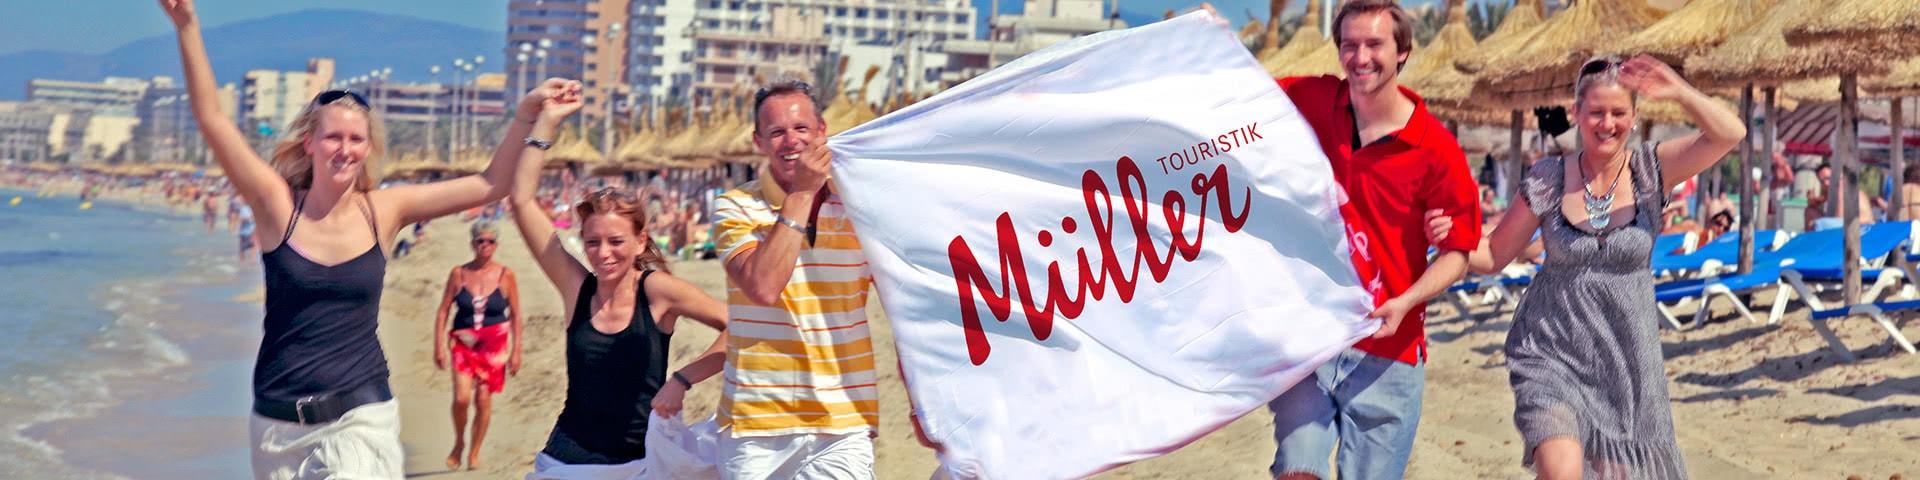 Gruppe läuft mit Müller-Touristik-Fahne am Strand von Mallorca